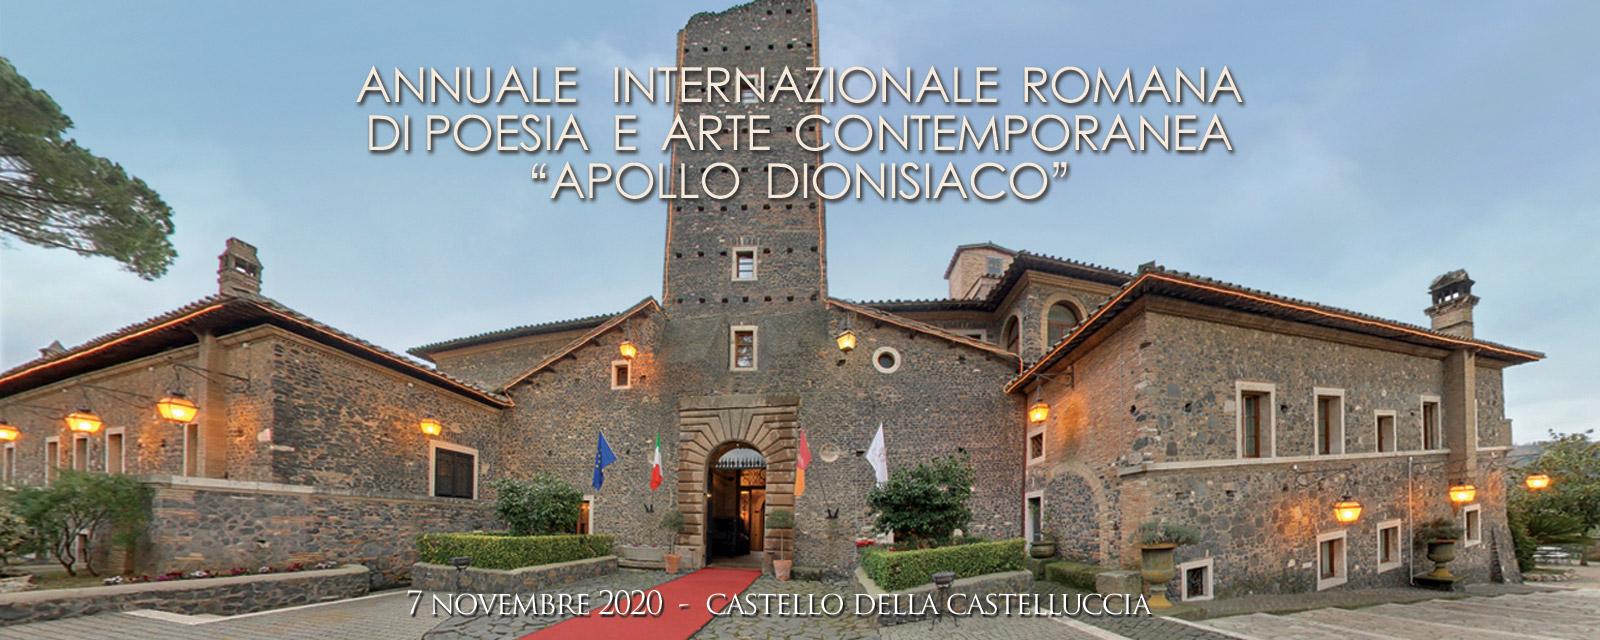 castello-annuale-internazionale-apollo-dionisiaco